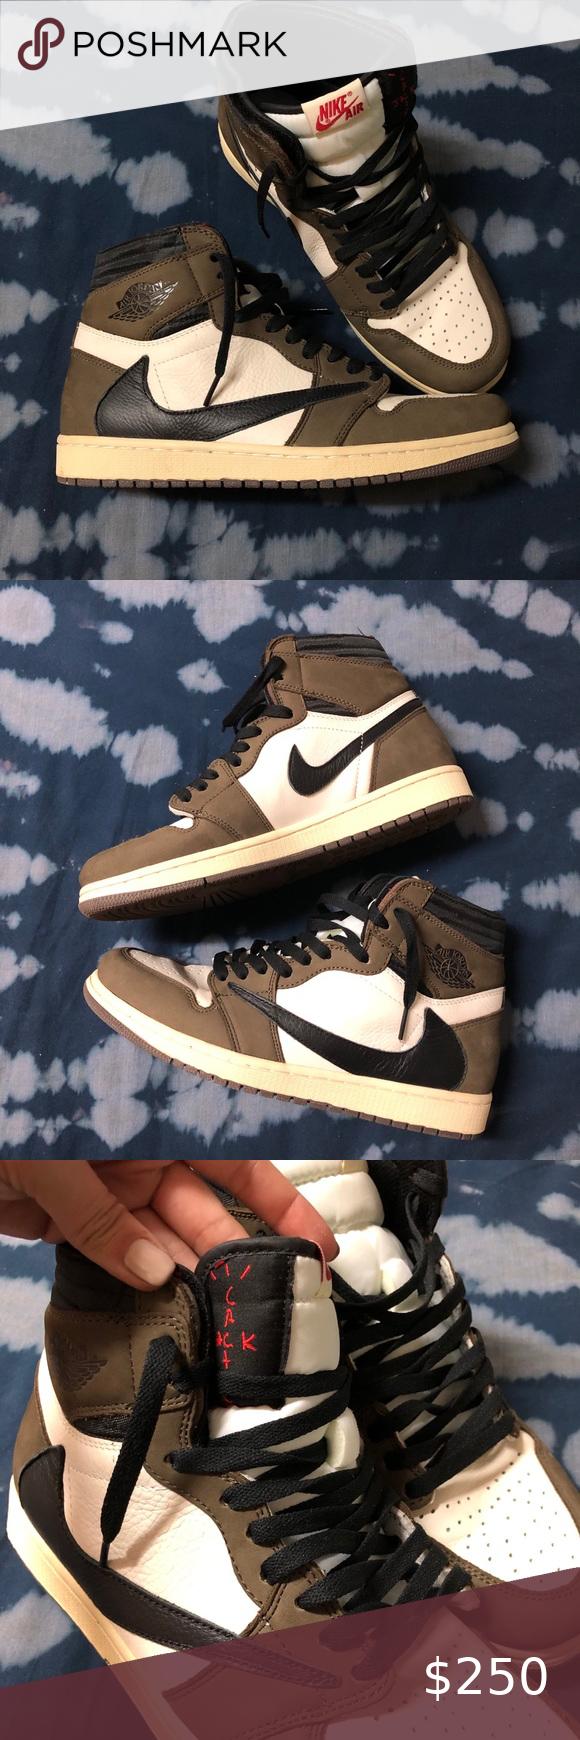 Travis Scott Cactus Jack Aj1 Reps Jordans For Men Air Jordans Retro Men Shoes Size